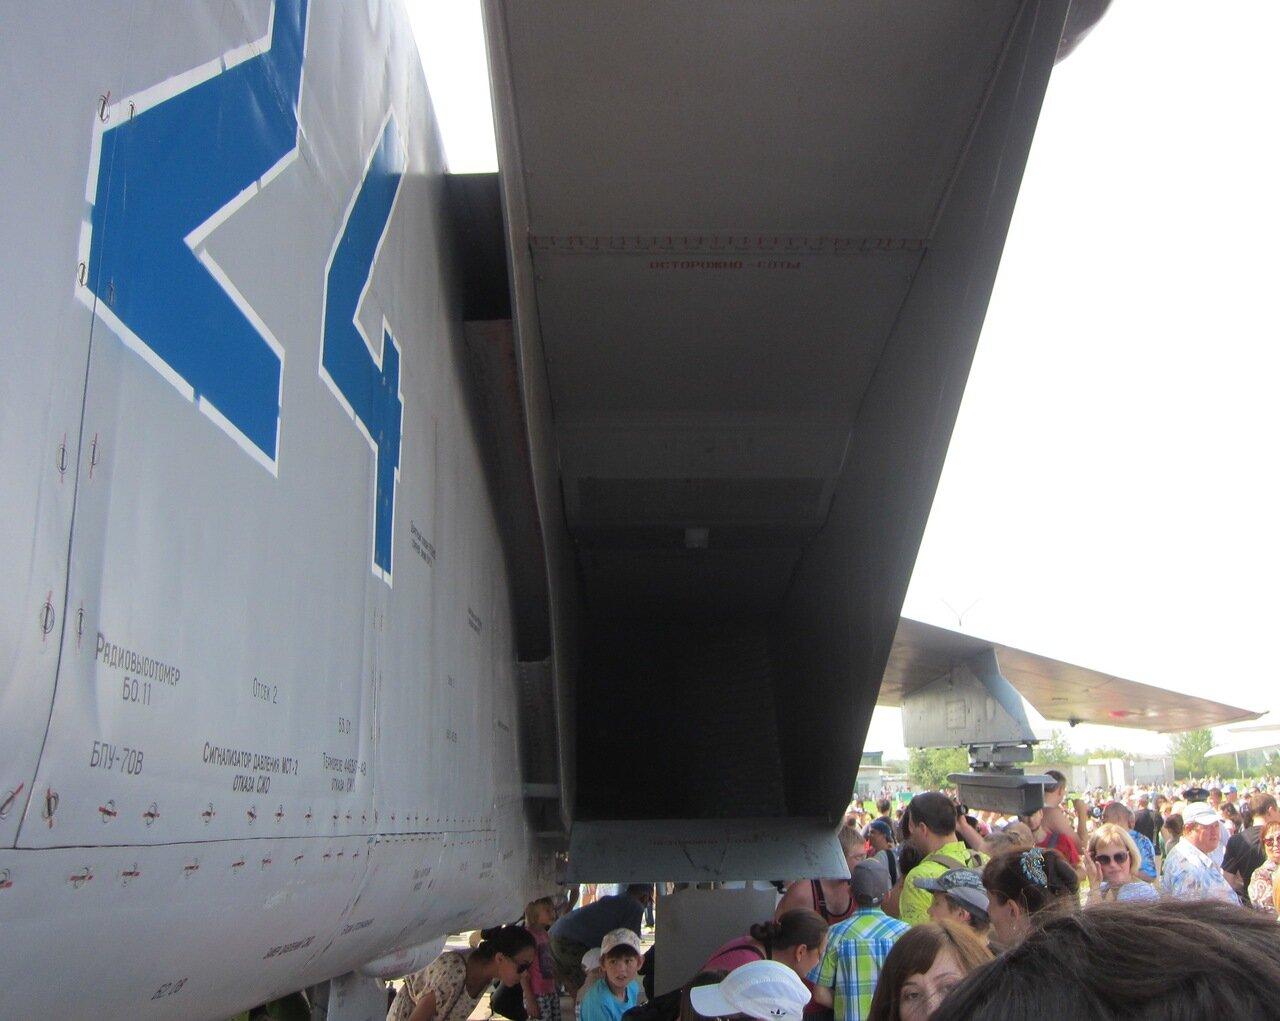 Огромный воздухозаборрник двигателя истребителя МиГ-31 (15.08.2014)